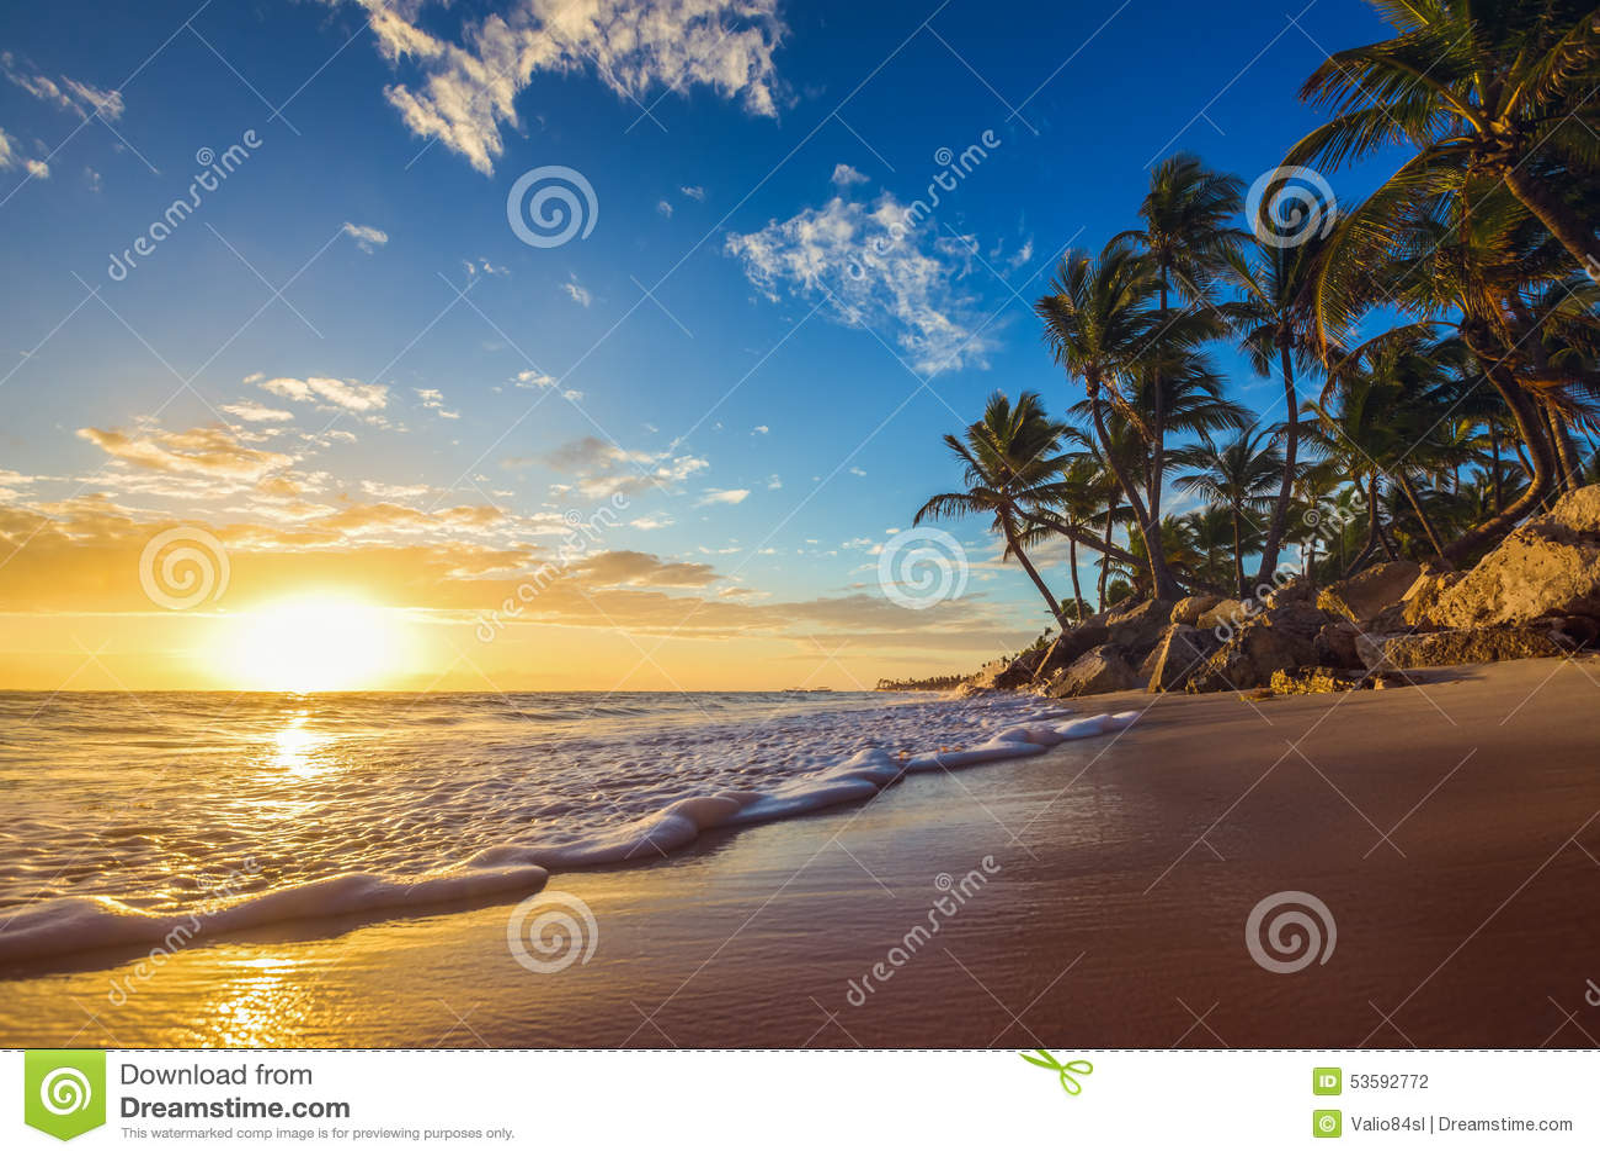 Paisagem da praia tropical da ilha do paraíso, tiro do nascer do sol